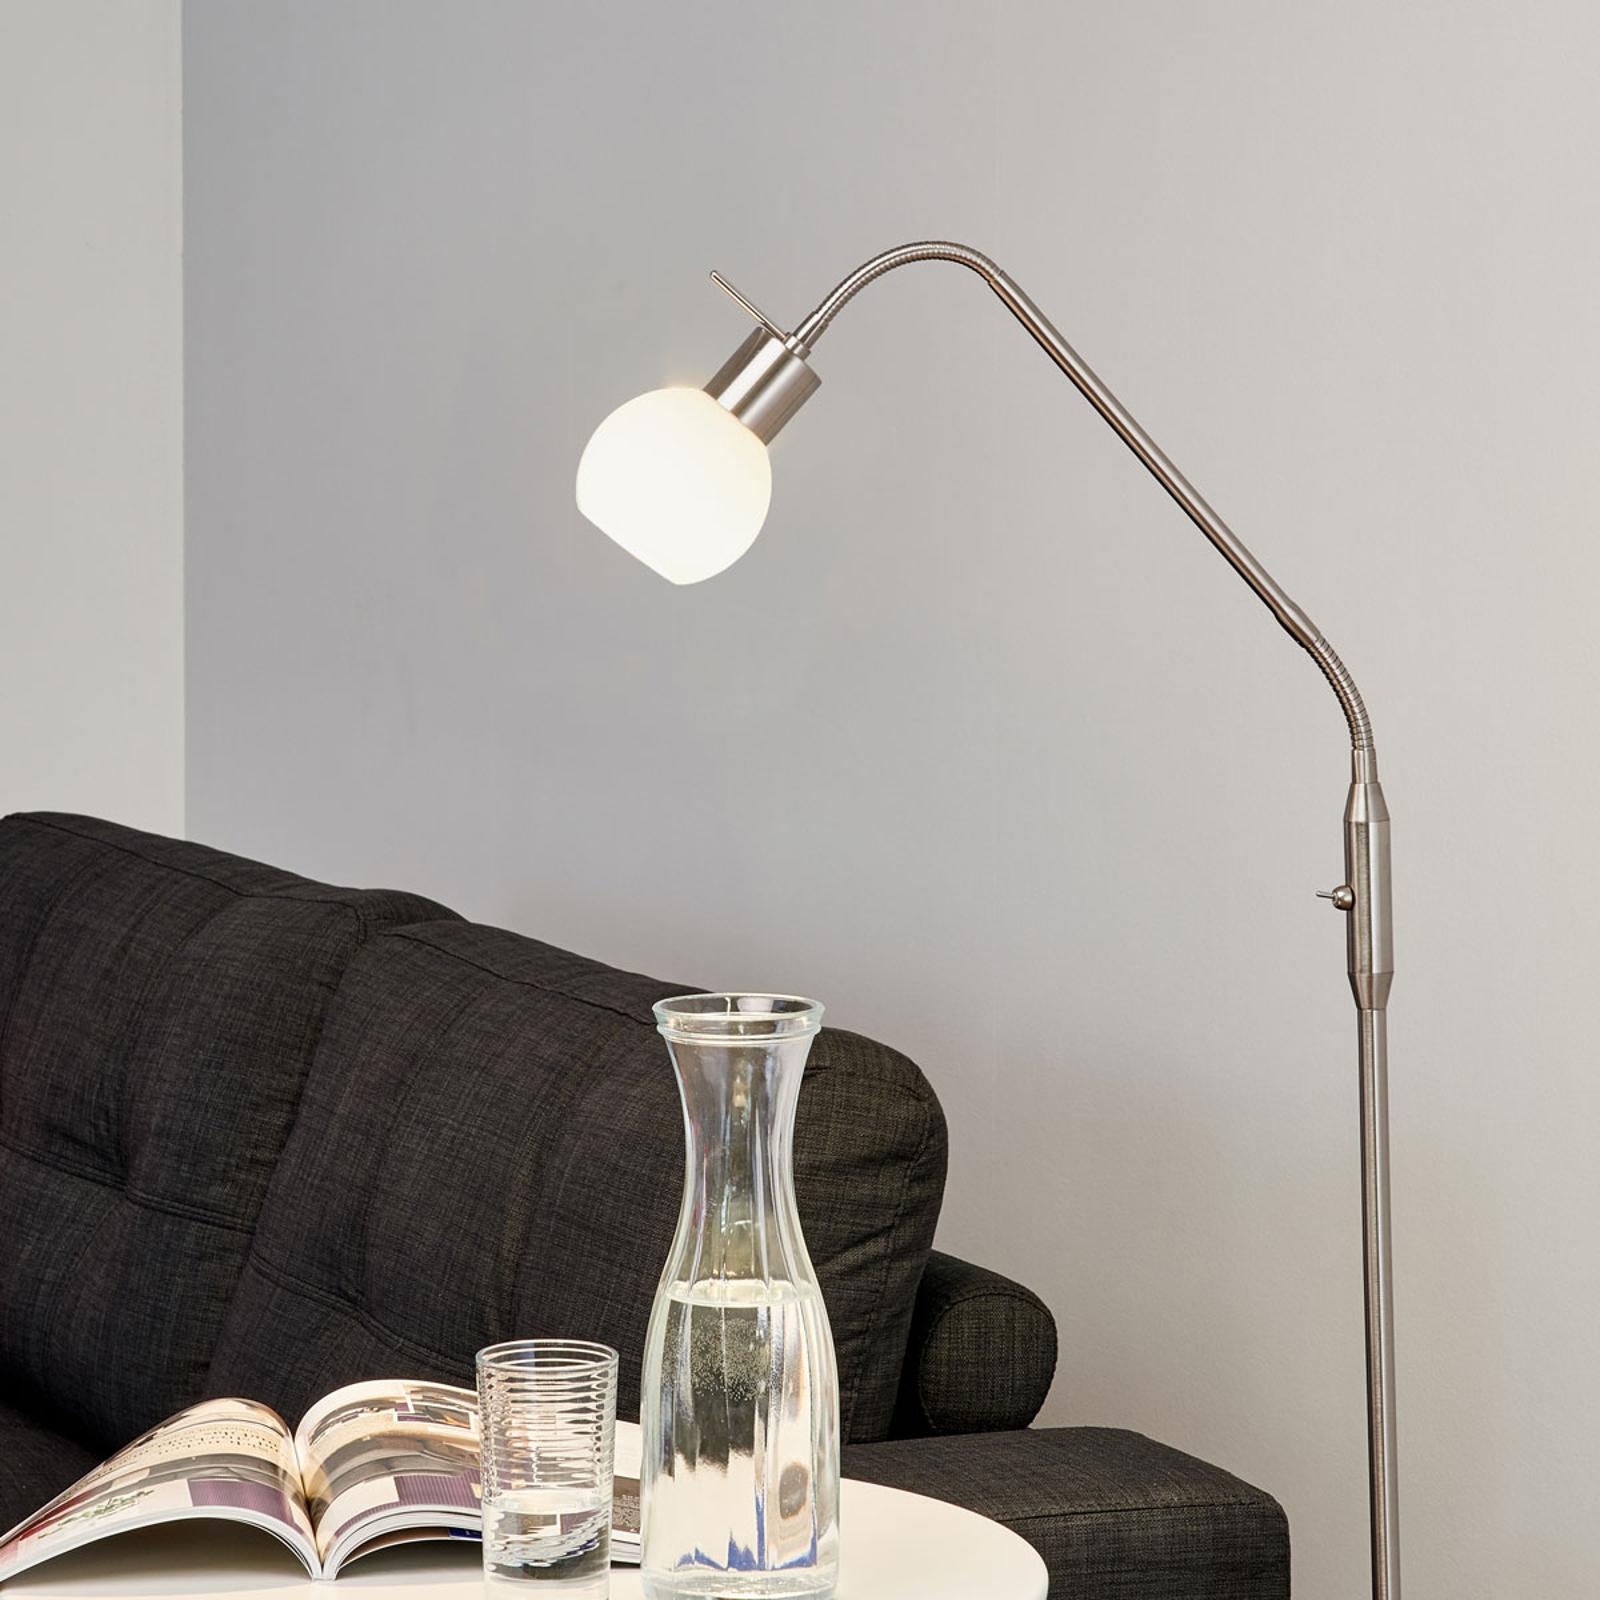 Smalle LED-vloerlamp Elaina mat nikkel